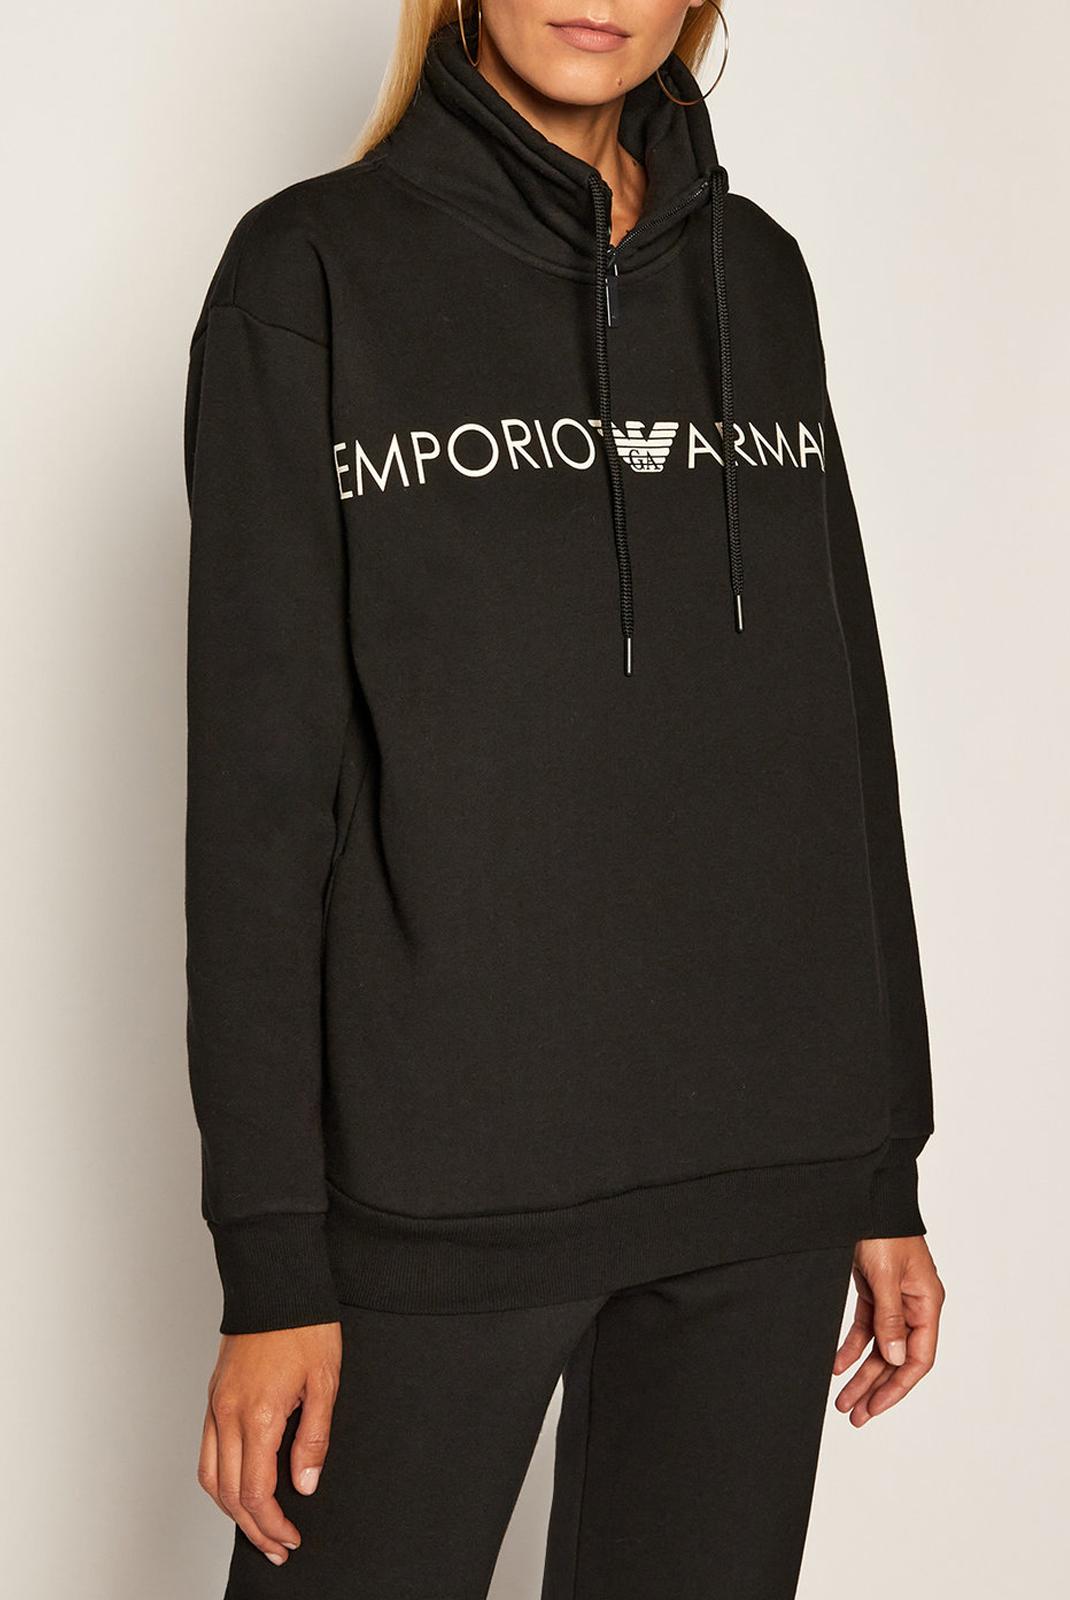 Sweat / sweat zippé  Emporio armani 164385 0A250 020 BLACK